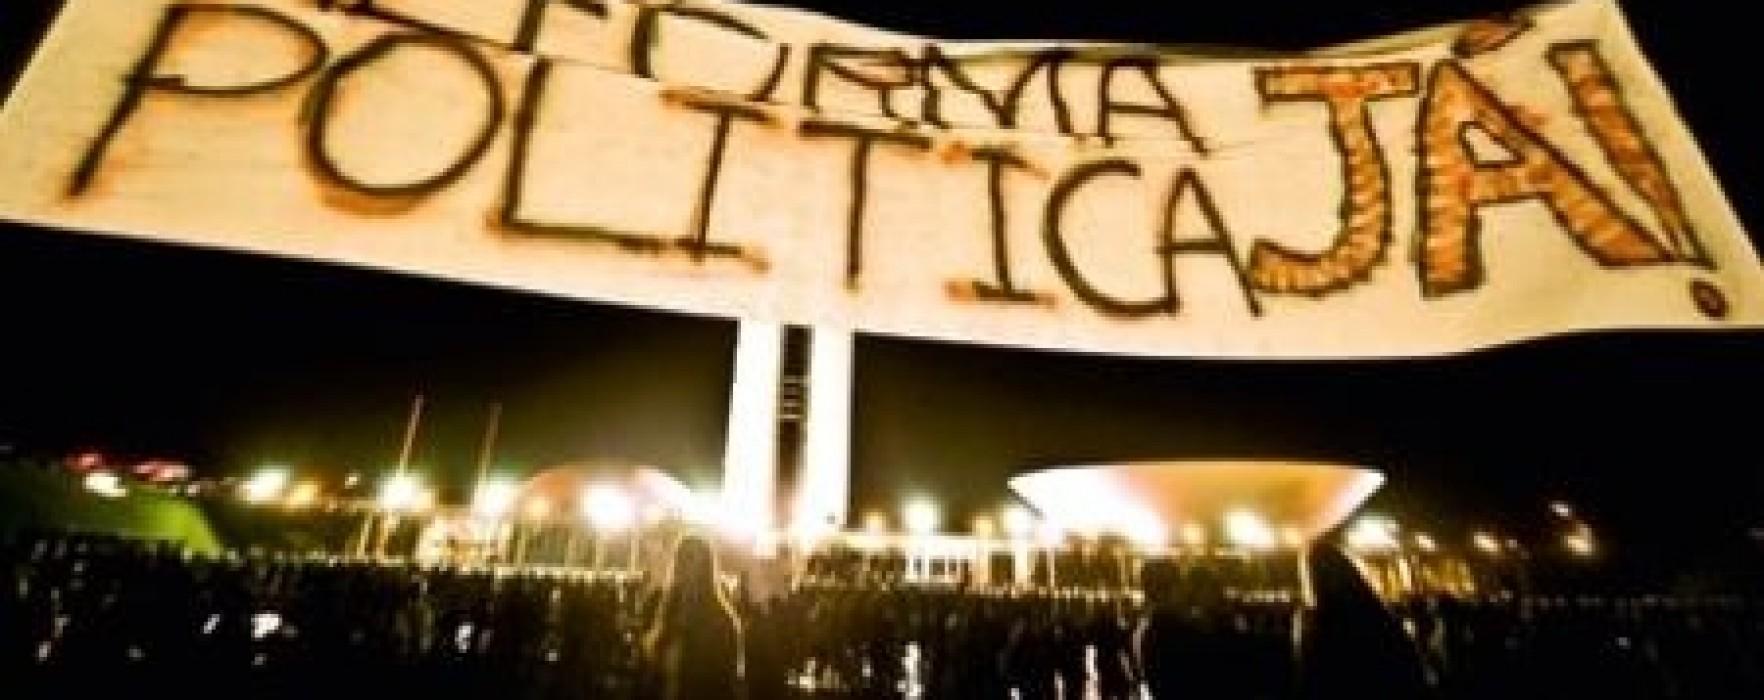 Joinville sediará encontro sobre a reforma política